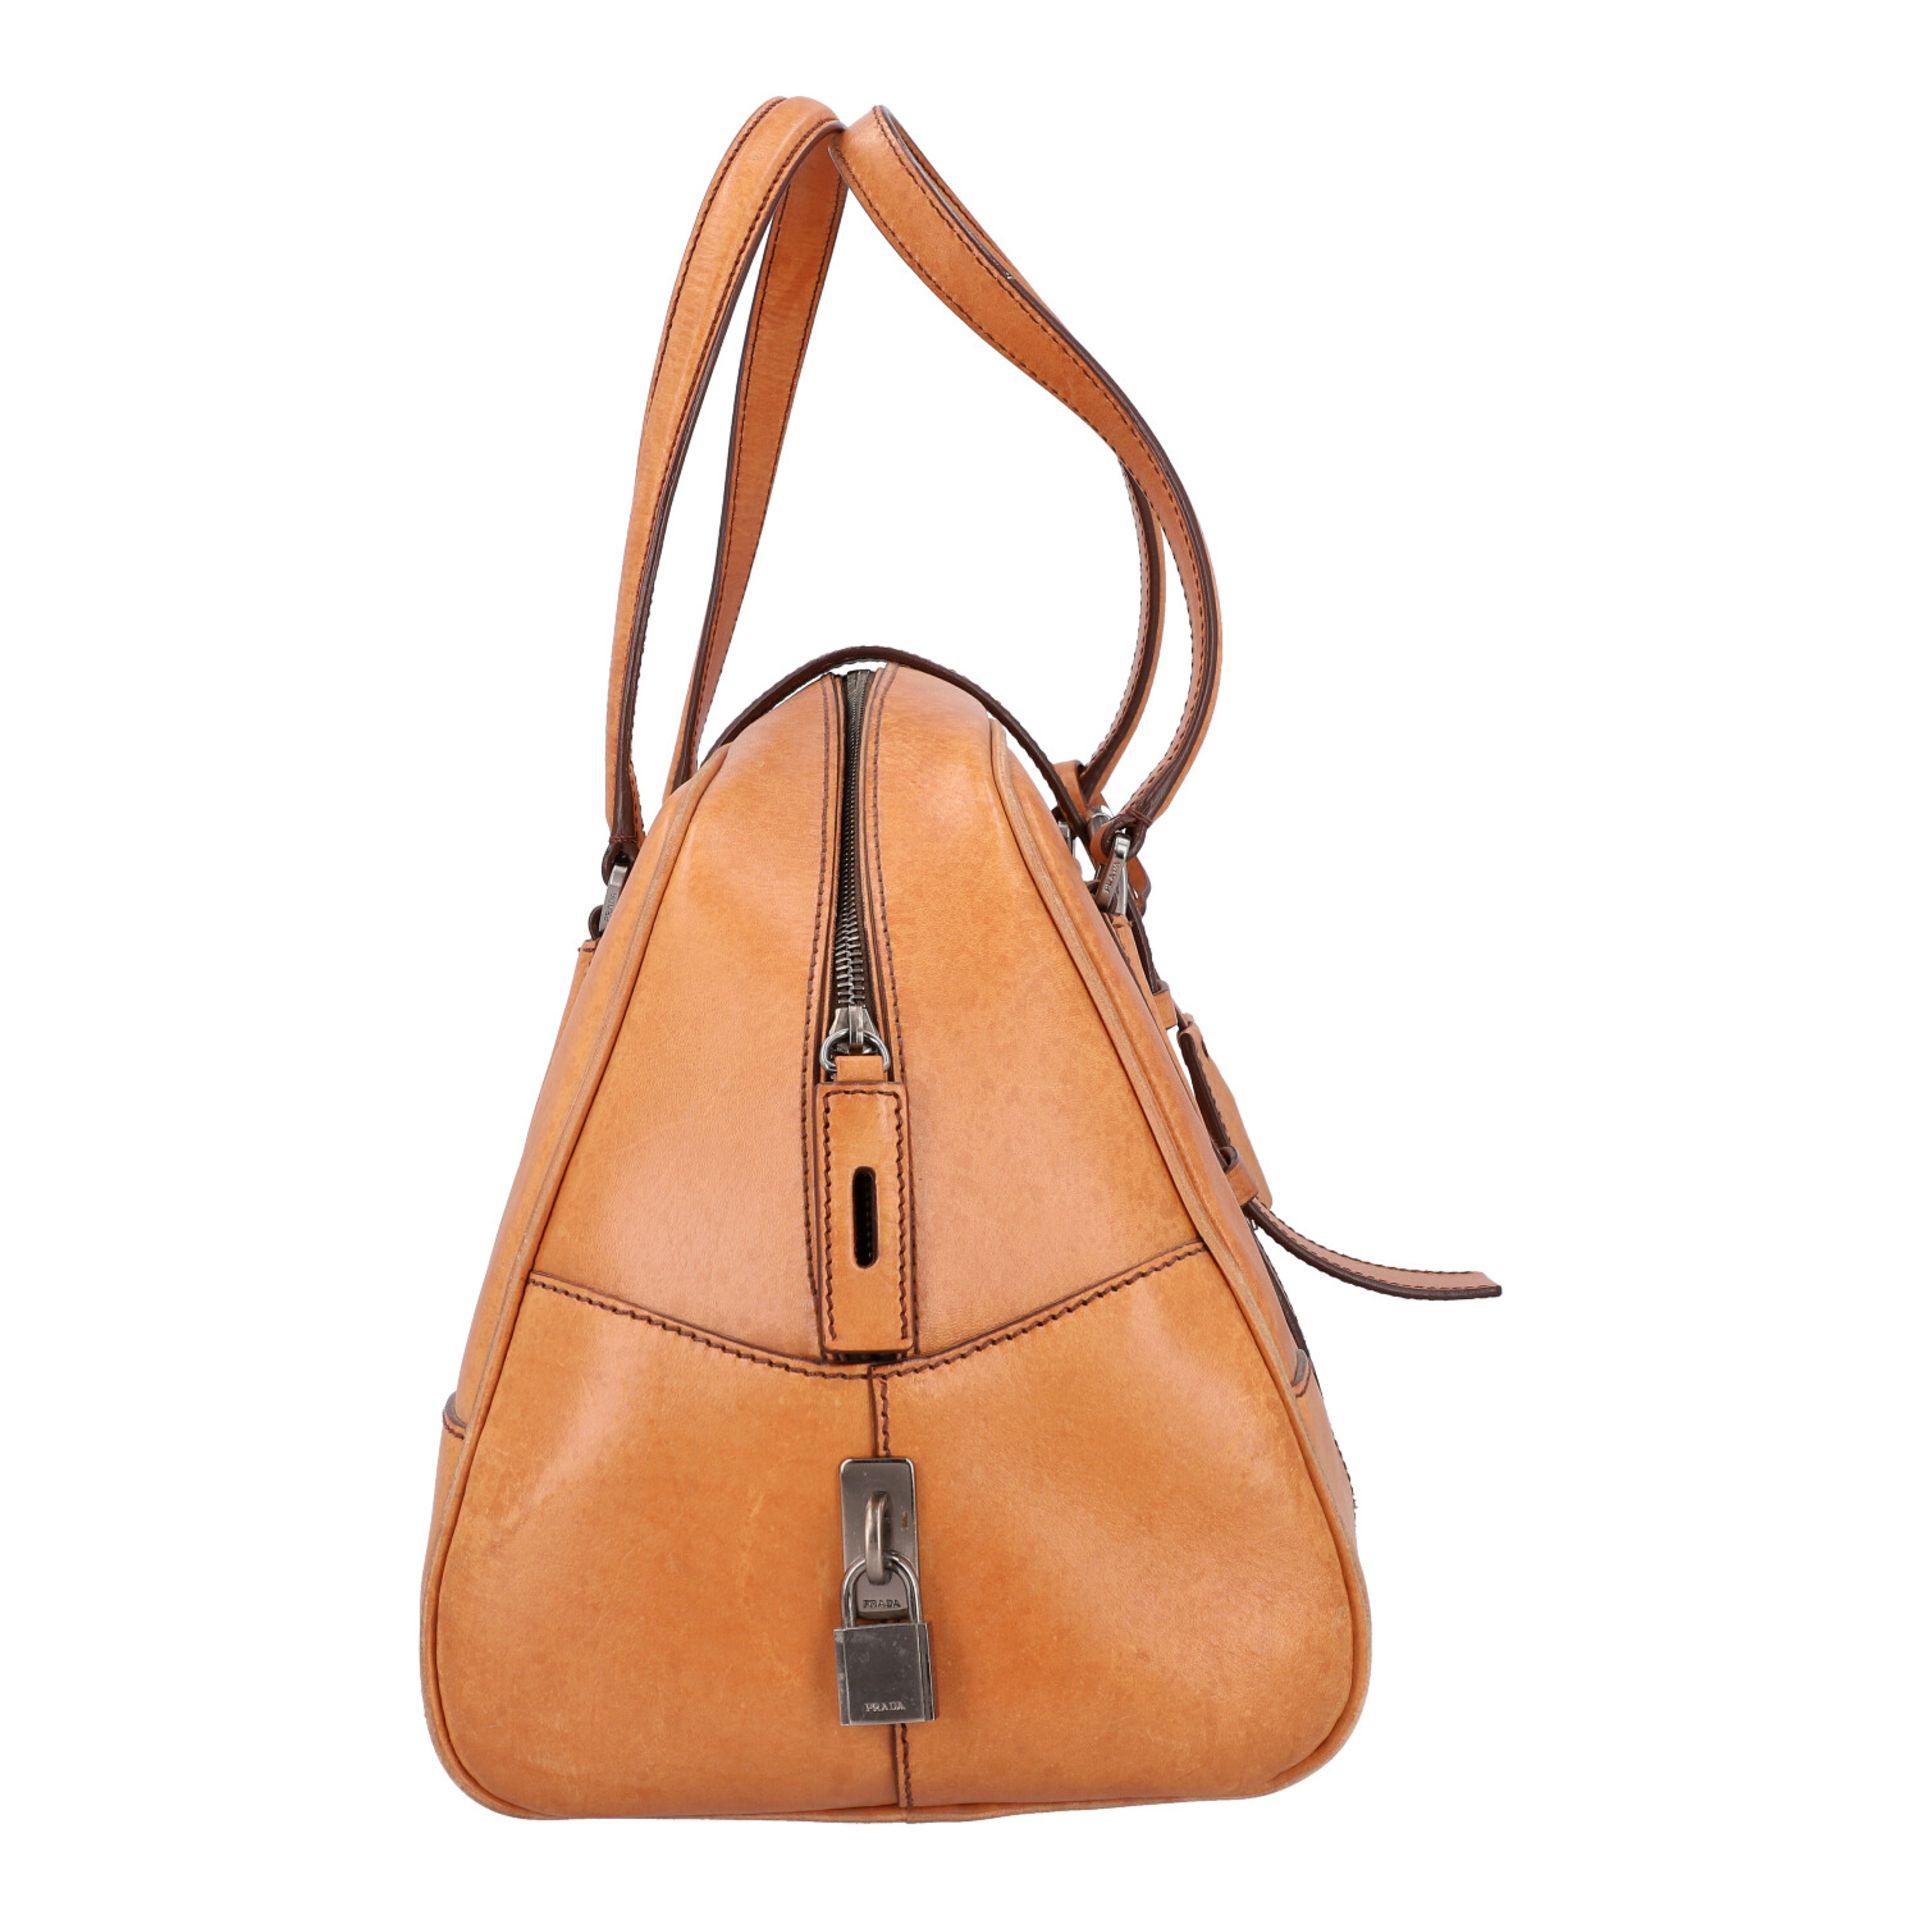 PRADA Handtasche. Glattleder in Beige mit silberfarbener Hardware, stabiles Modell mit - Image 3 of 8